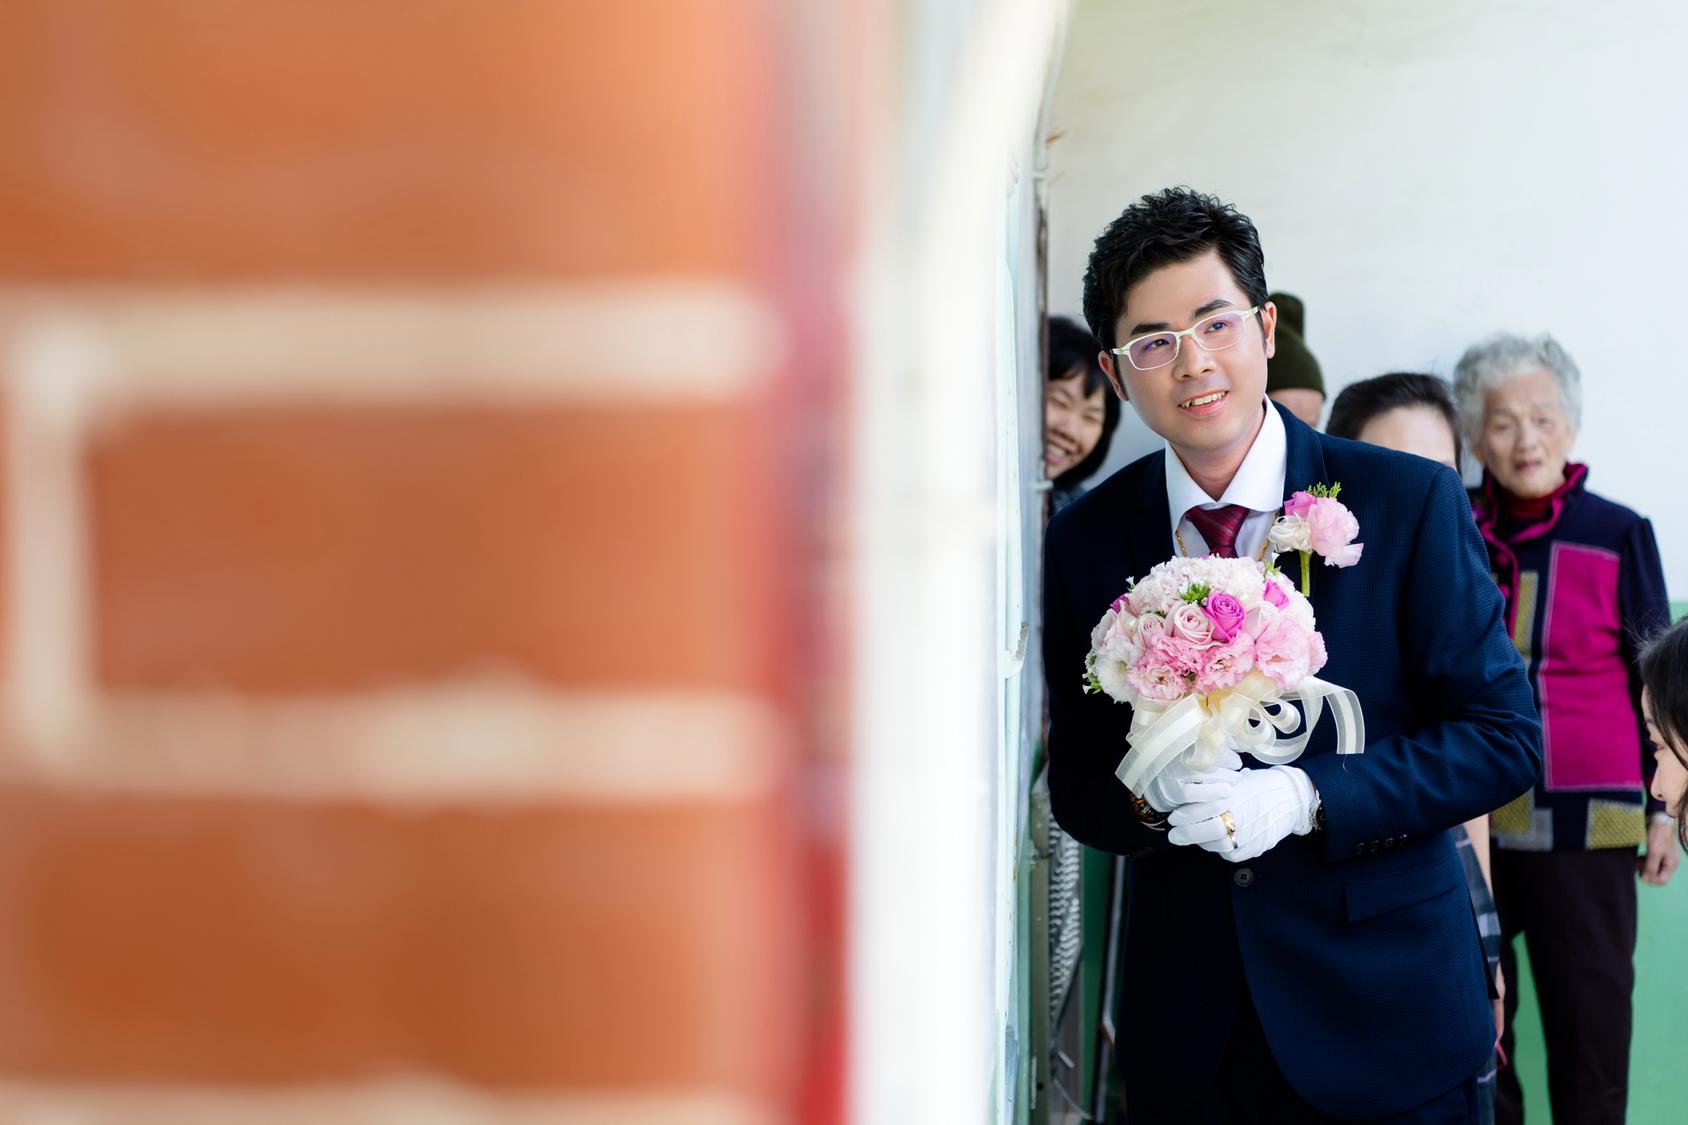 【比堤婚紗.結婚.婚禮紀錄】哲宇 ♥ 貝恩_08